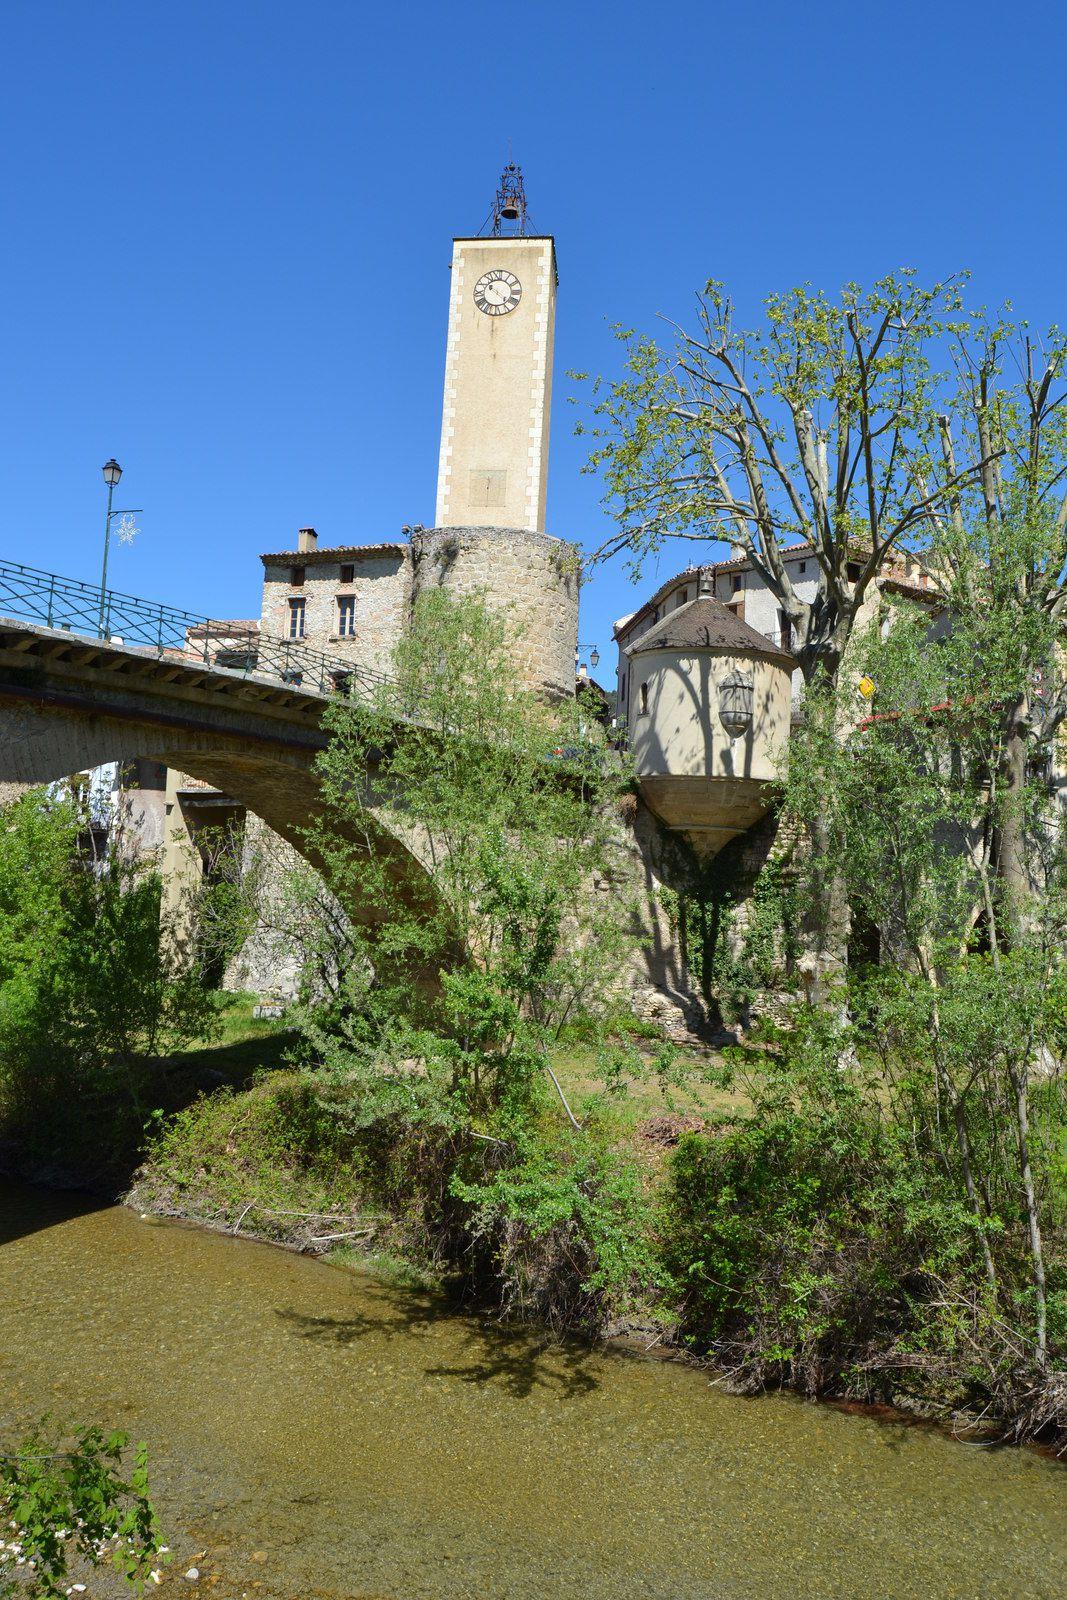 Notre petite chapelle au dessus du vide et sous le pont coule l'Ouvèze...